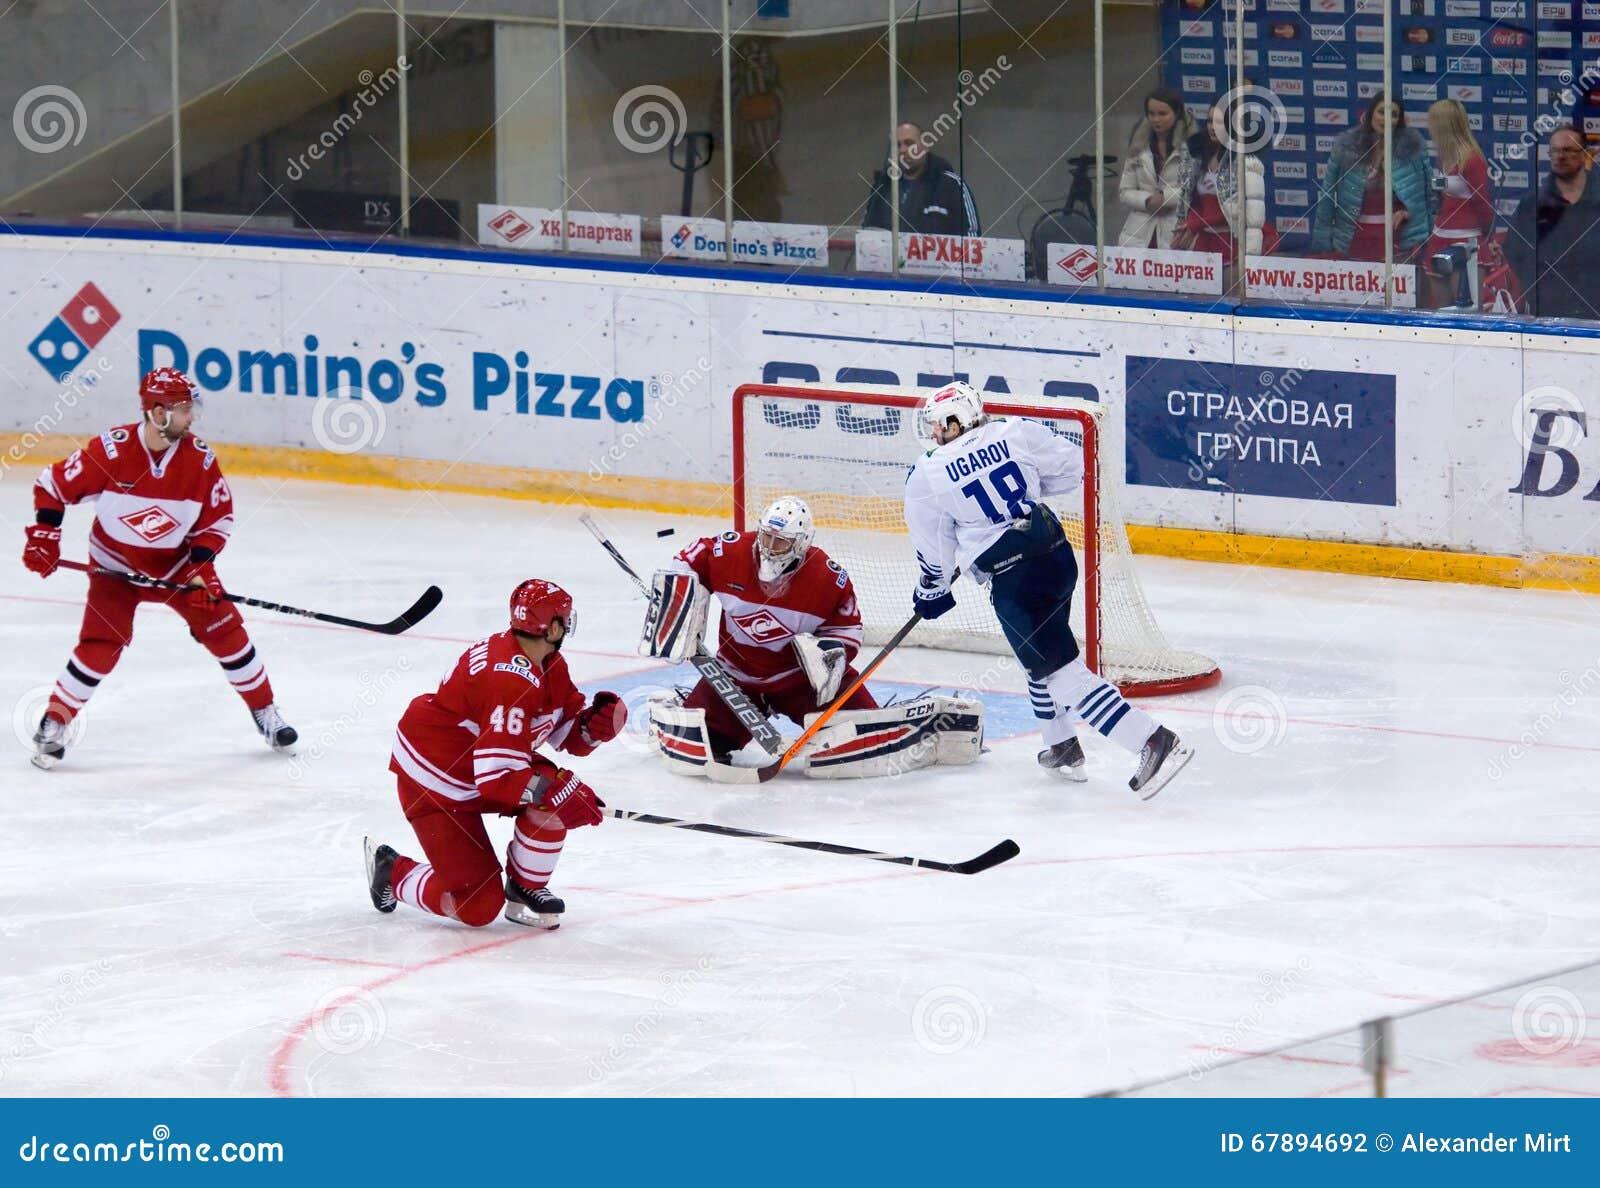 Α Ugarov ( 18)  επίθεση, Ε Ivannikov ( 31)  υπερασπίστε